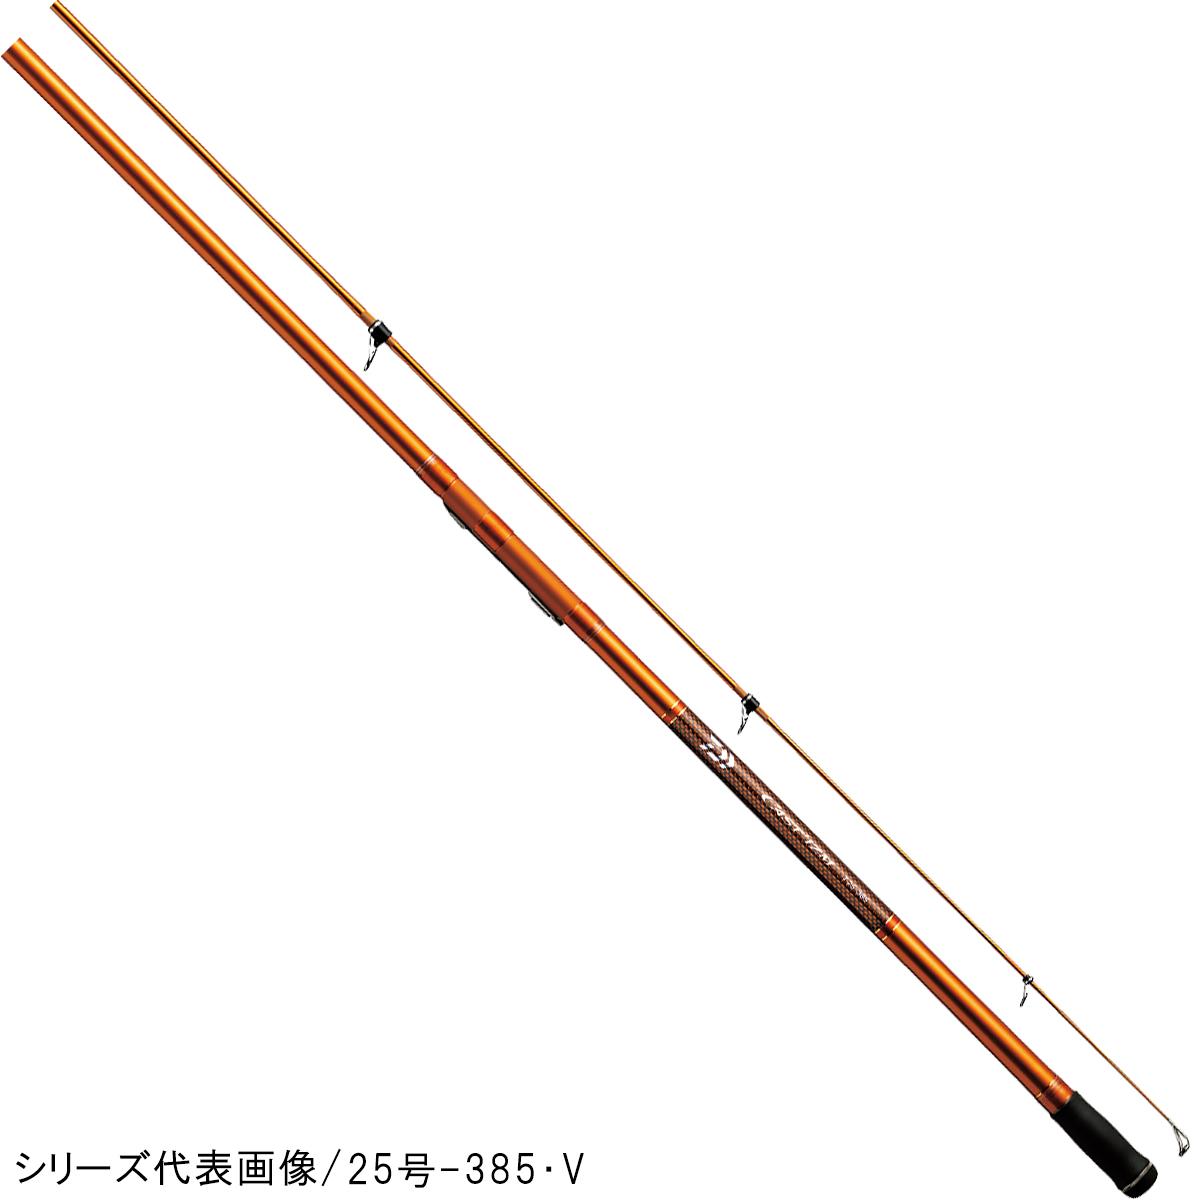 ダイワ キャスティズム T 20号-365・V【大型商品】